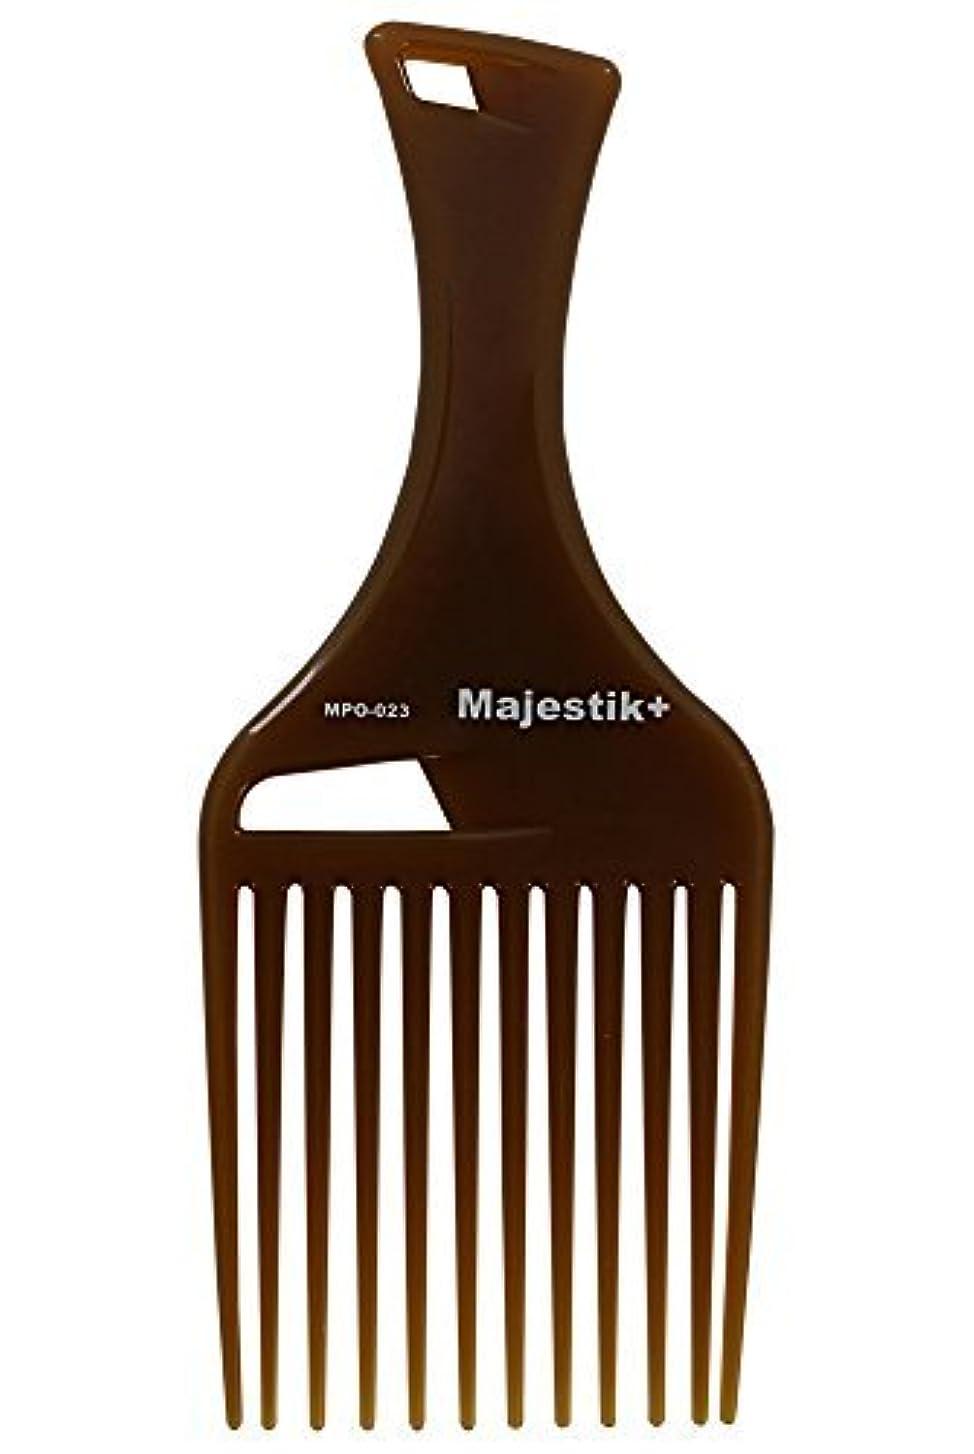 クレジット人気の統計的Hair Comb- Afro Hair Comb Infused With Argan Oil Wide Tooth, Brown, Rake Comb, With Bespoke PVC Product Pouch...